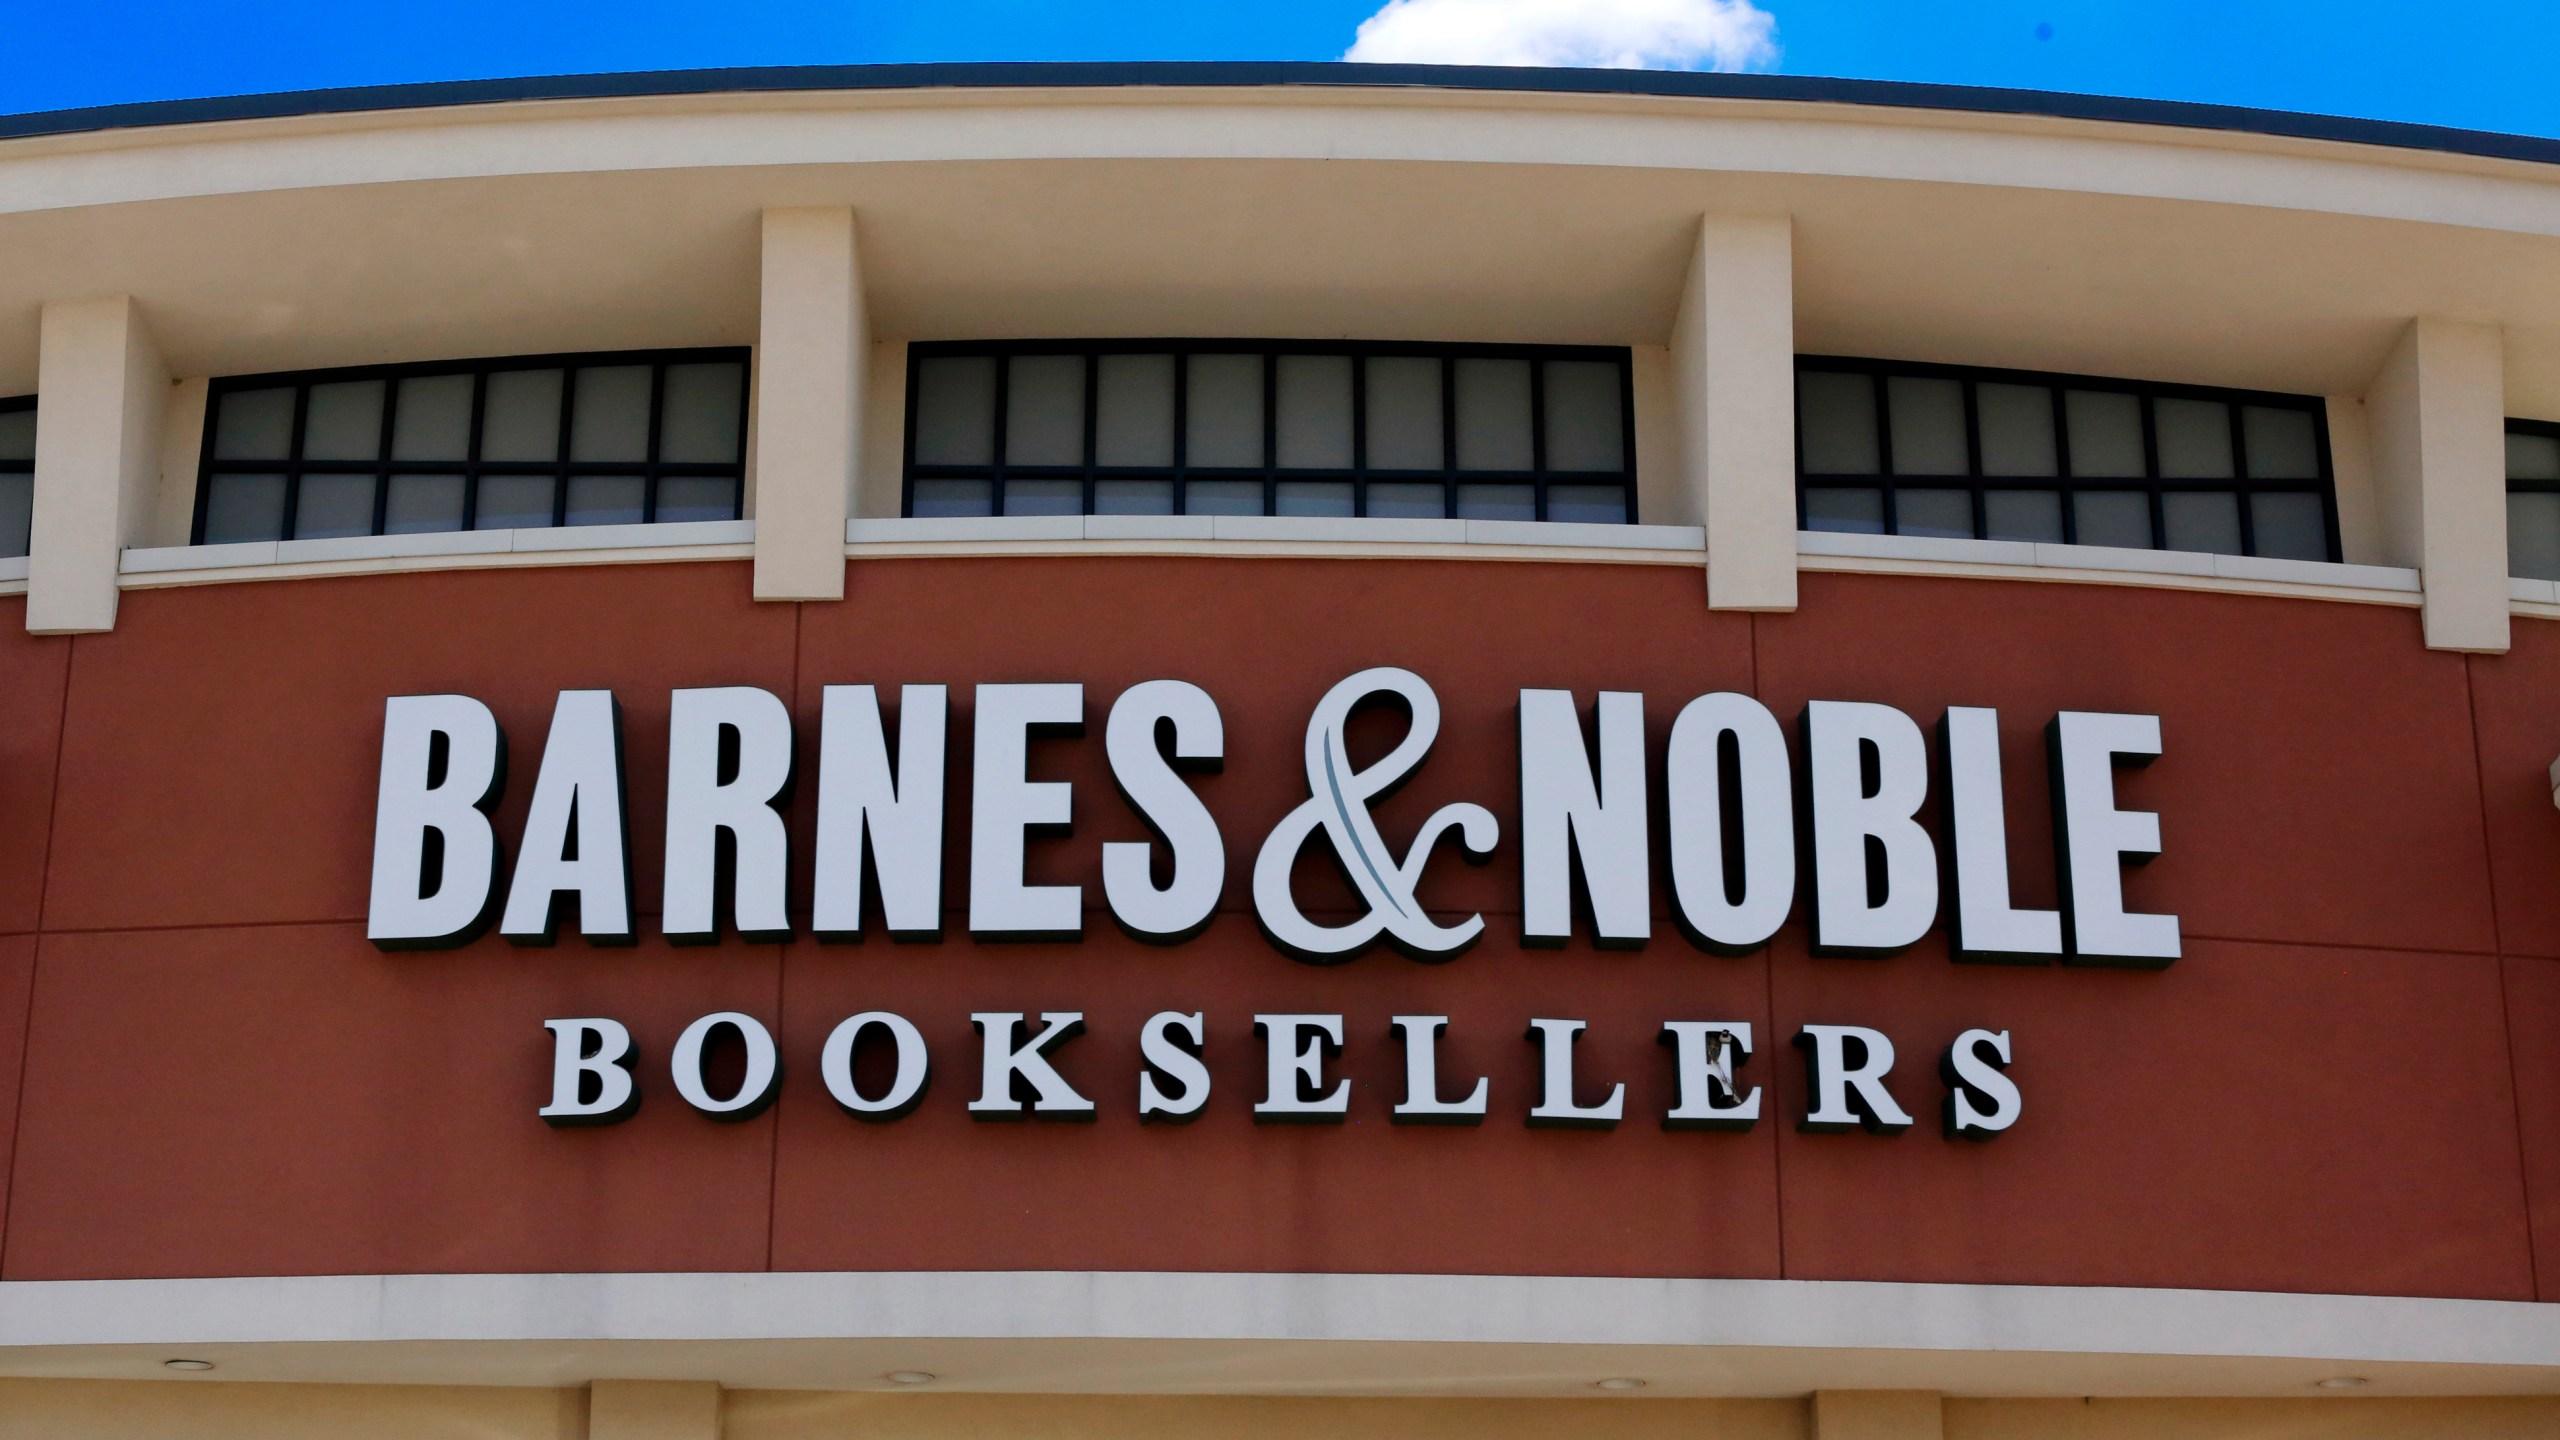 Barnes_Noble_CEO_Lawsuit_35770-159532.jpg76104070